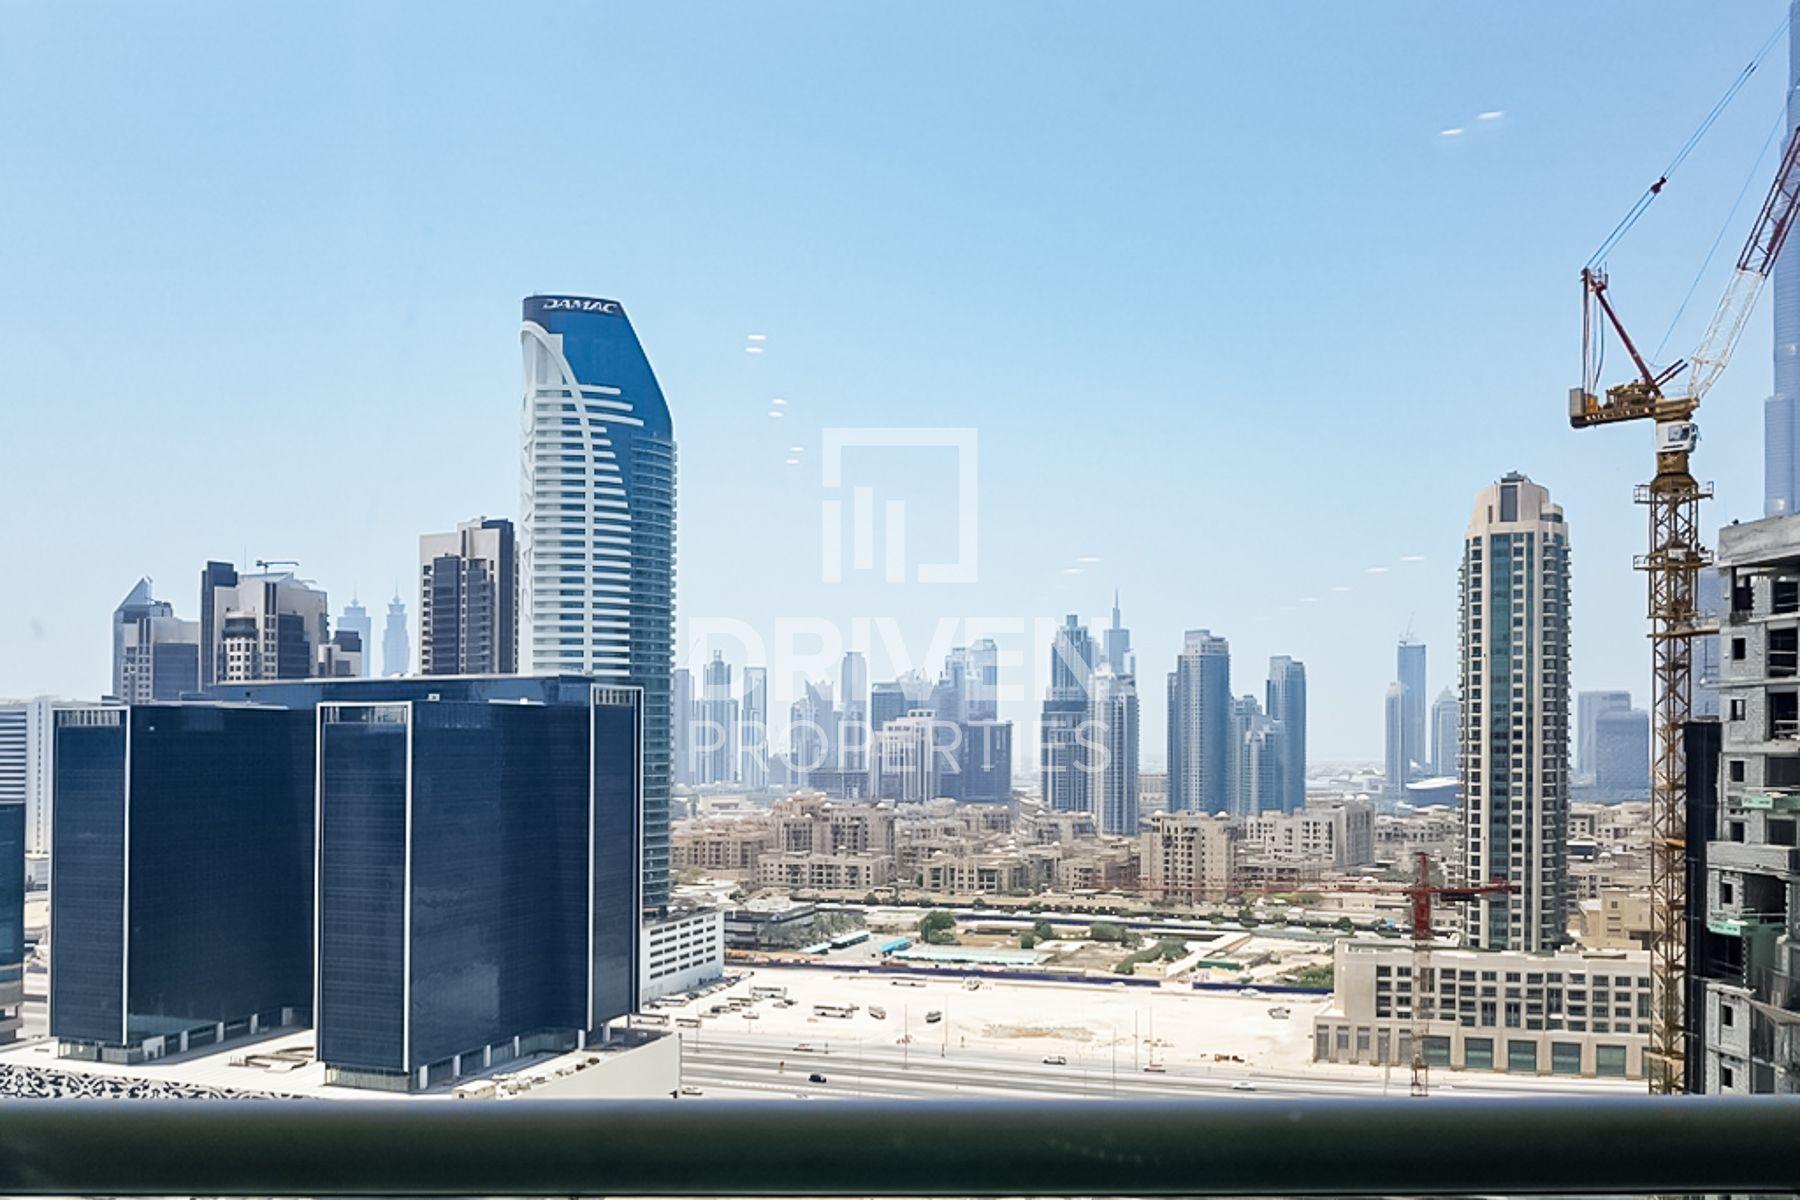 للبيع - شقة - داماك مايسون كانال فيوز - الخليج التجاري